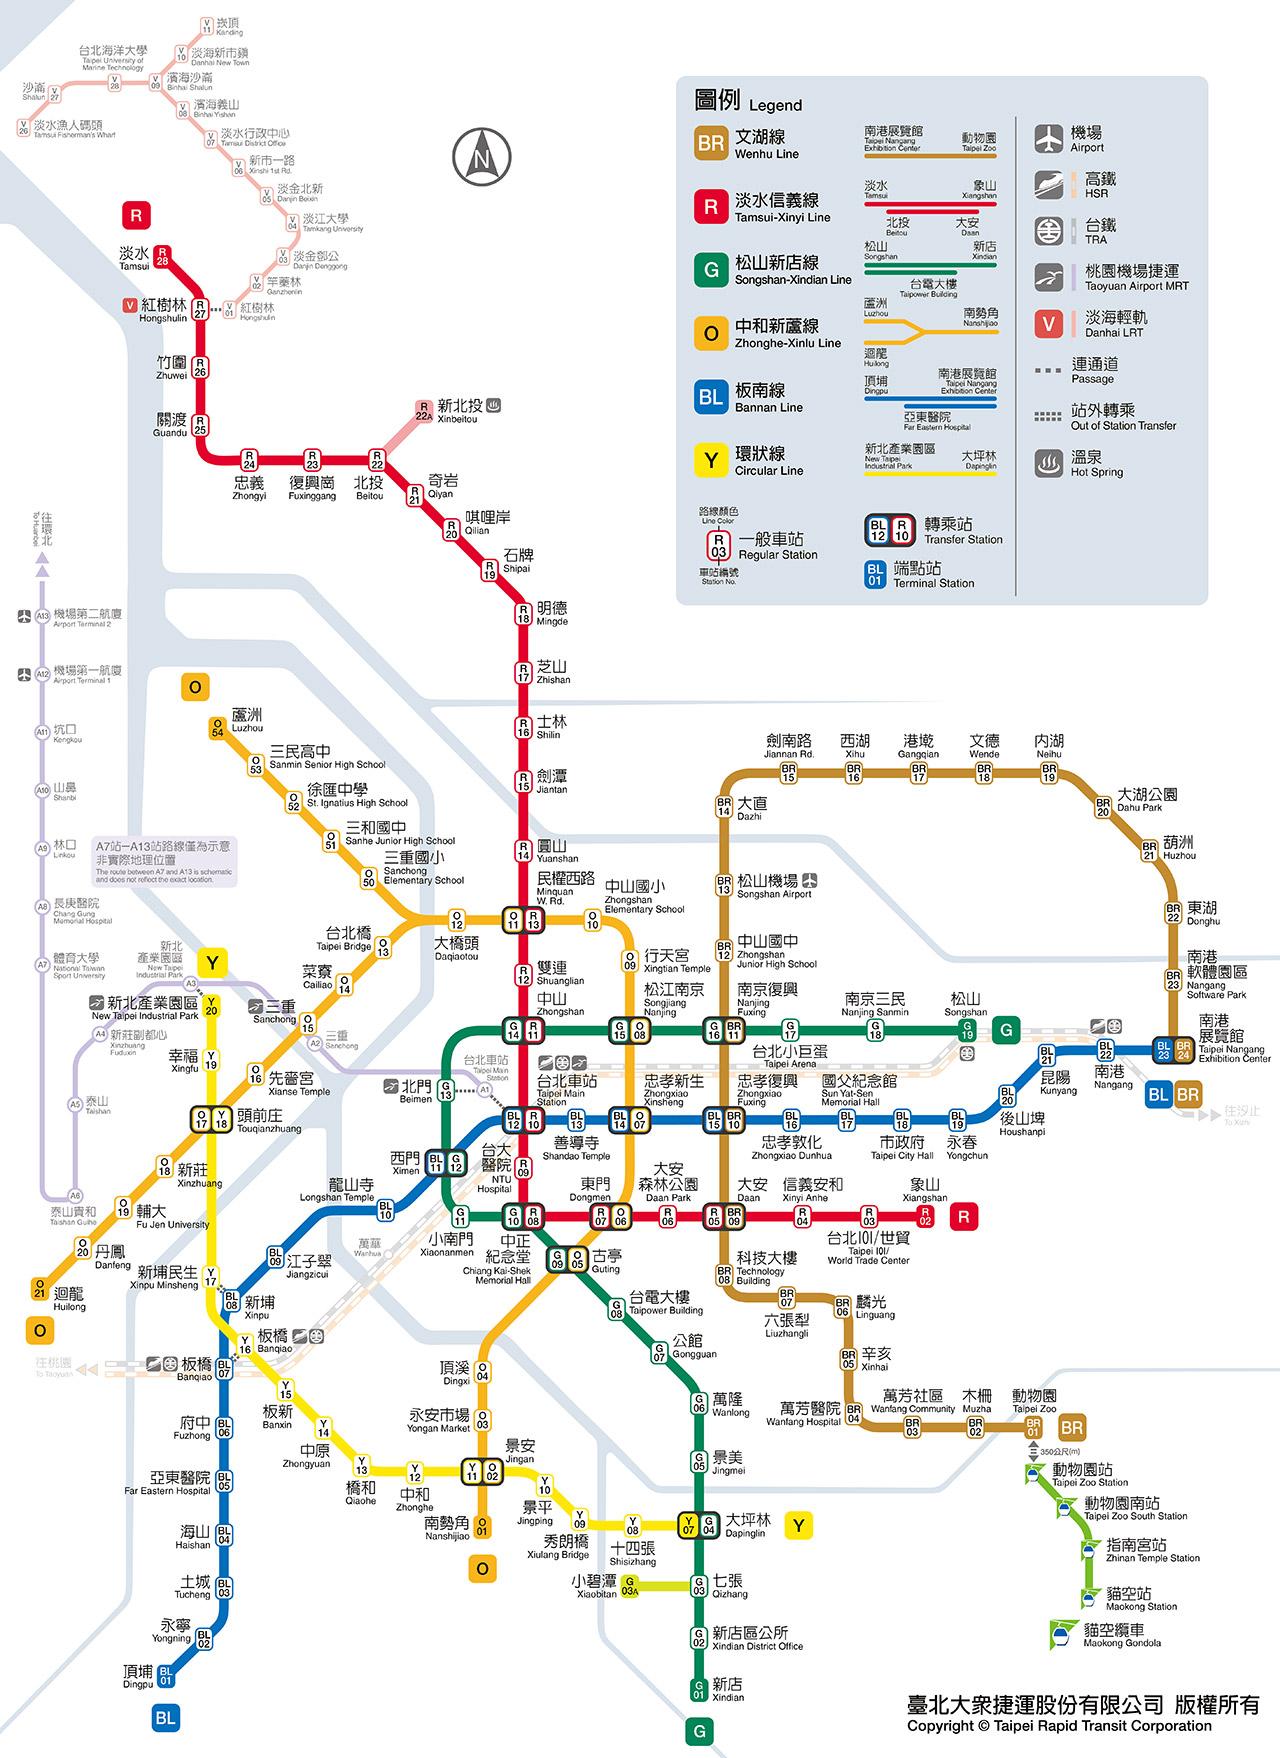 臺北捷運   臺北旅遊網